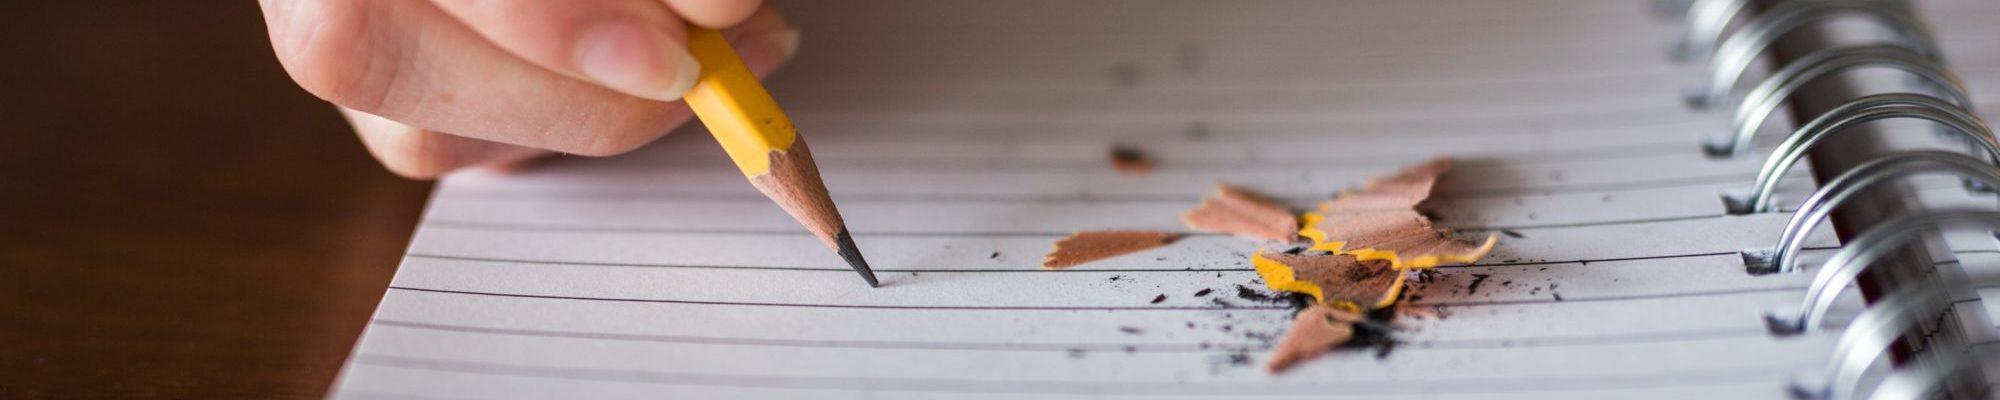 crayon a papier sur feuille au chateau Vaillant internat college lycee esport